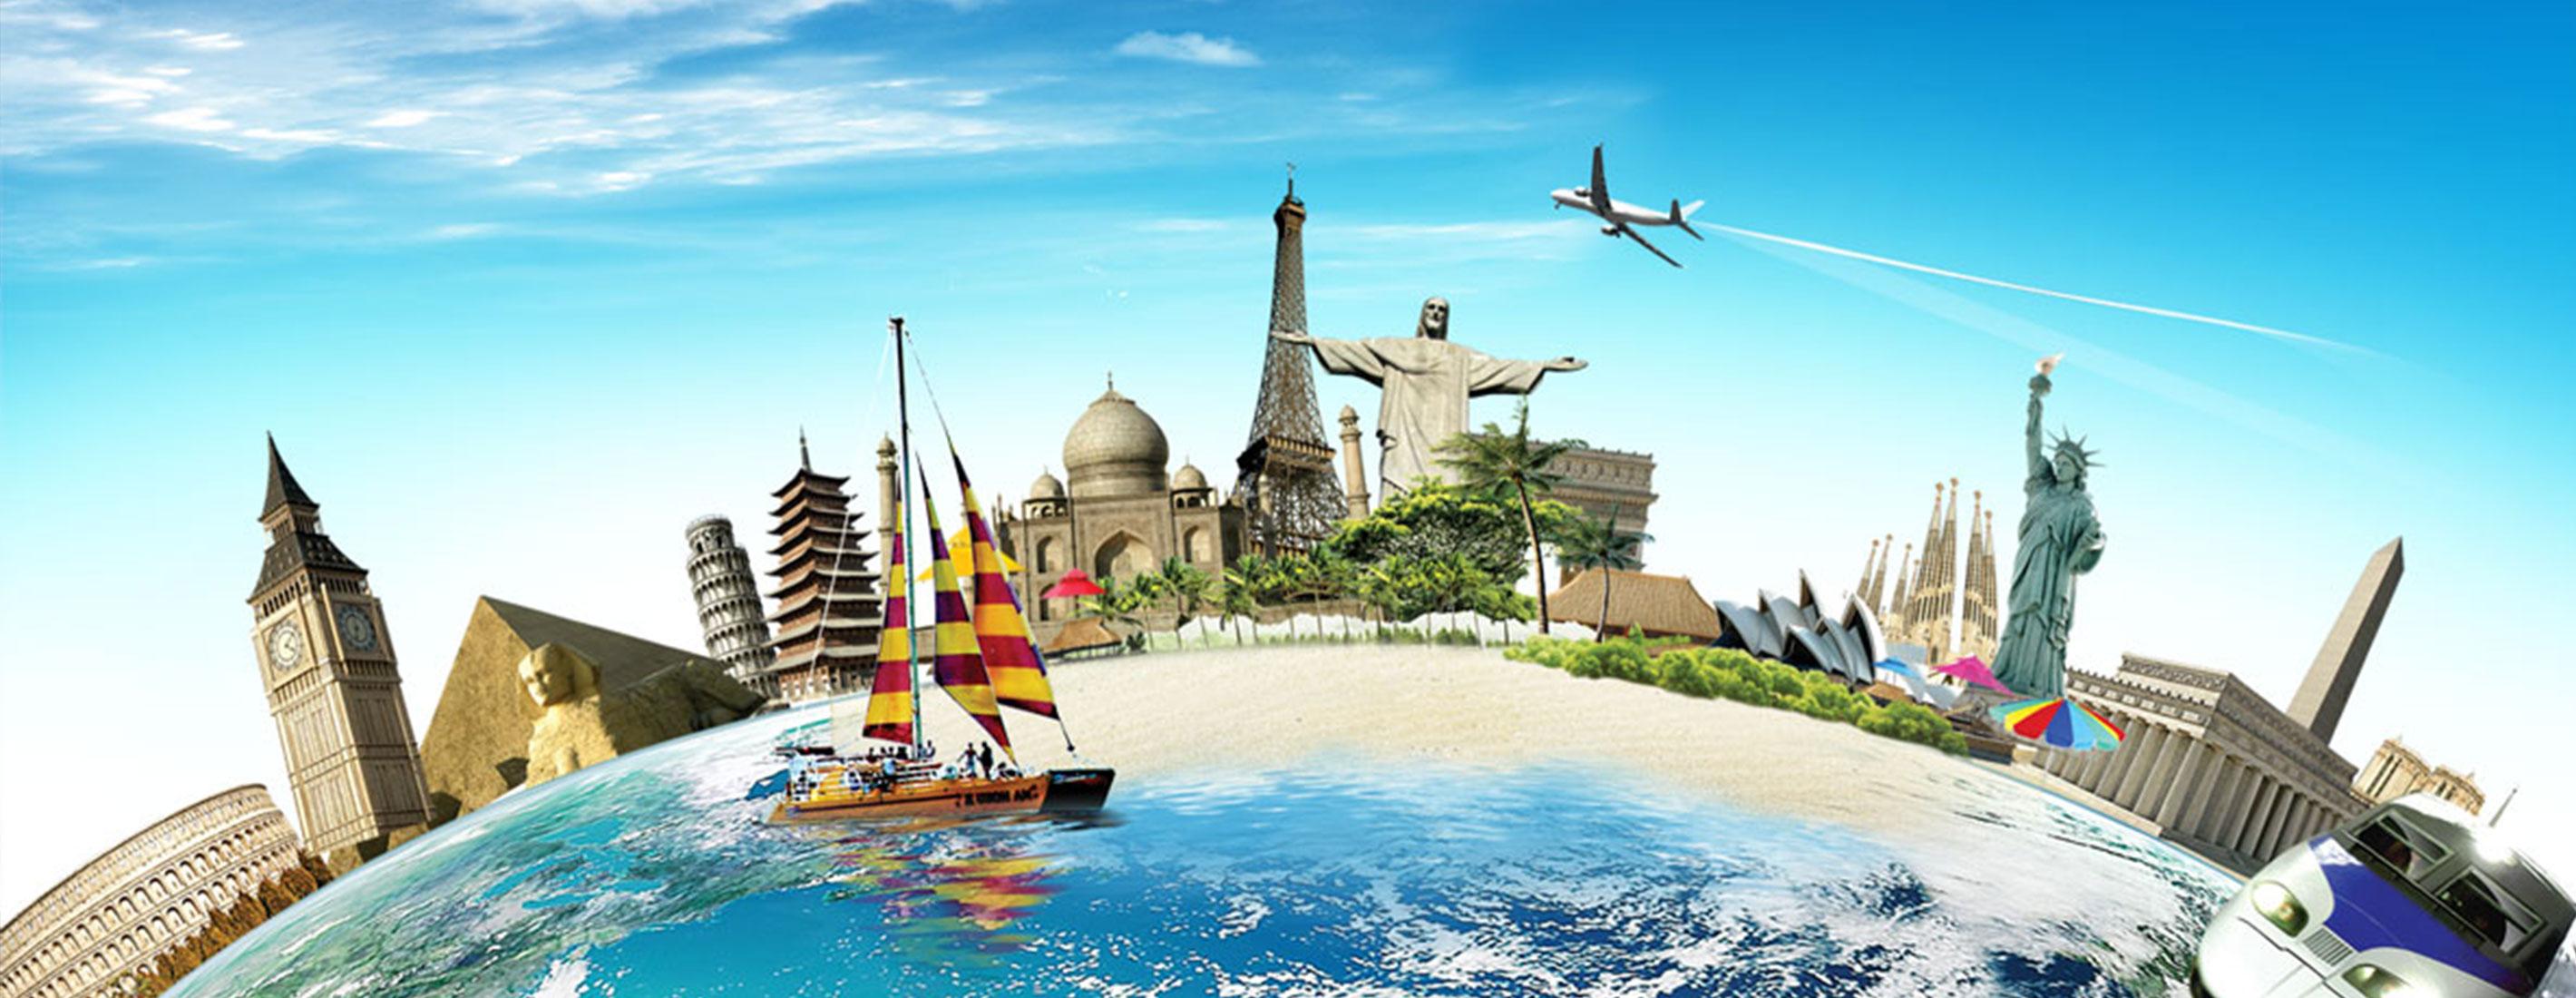 ISO standardi u turizmu